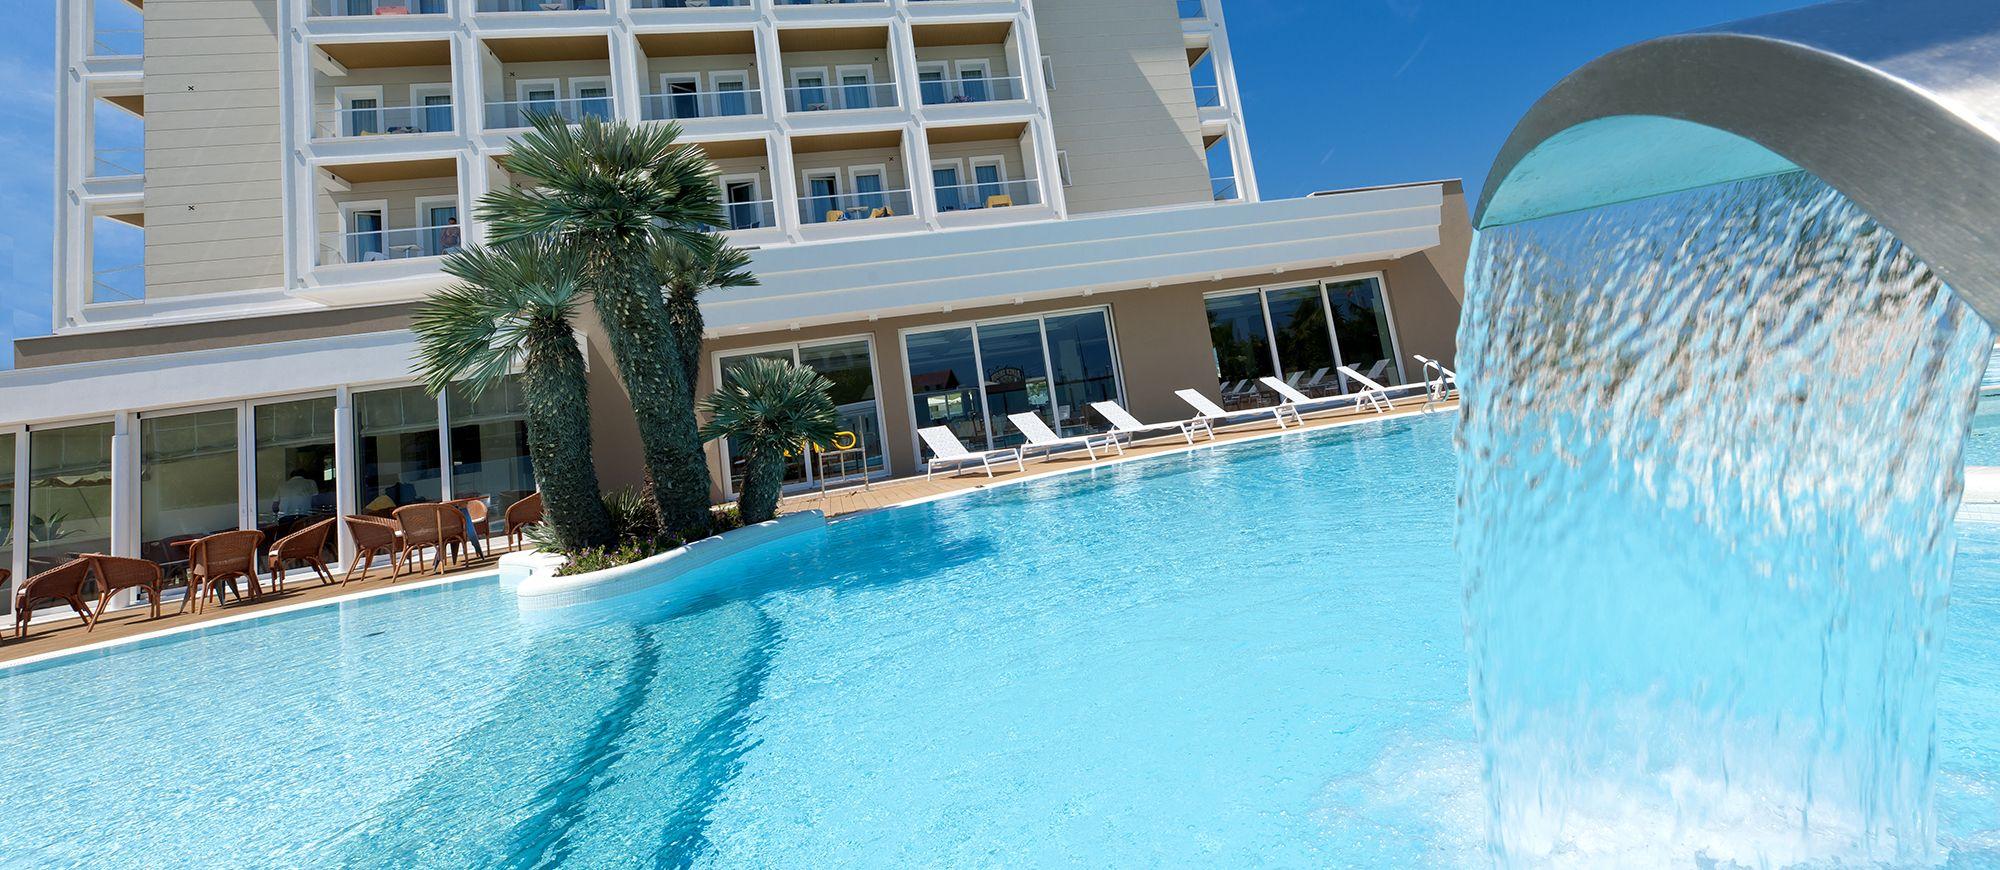 Hotel riccione con piscina alberghi piscina riscaldata - Hotel riccione con piscina coperta ...